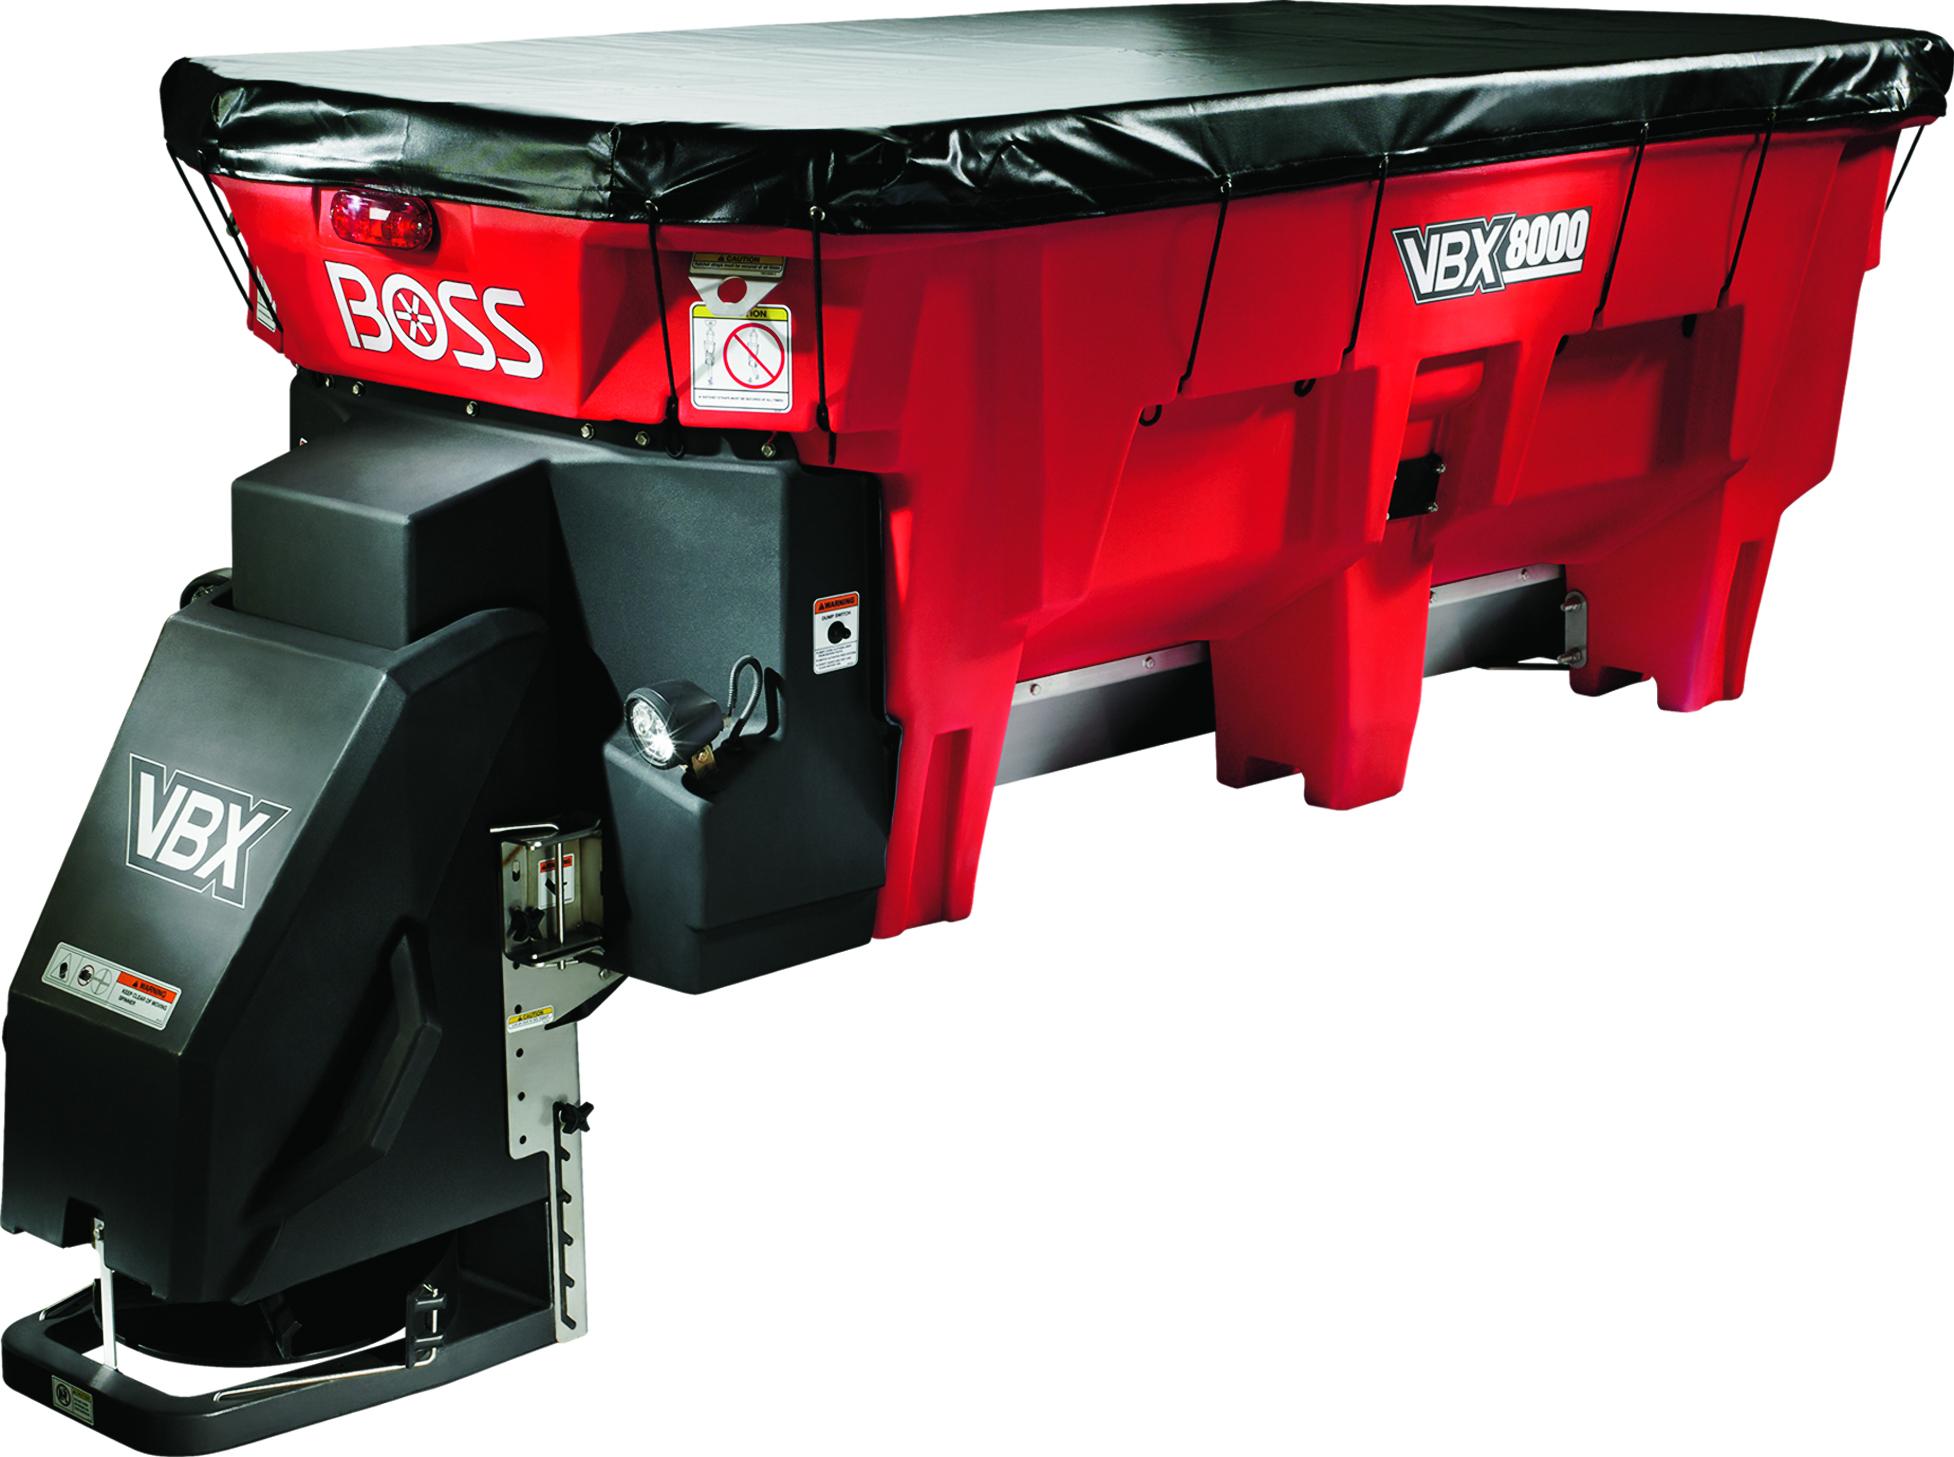 VBX 8000 Side View.jpg